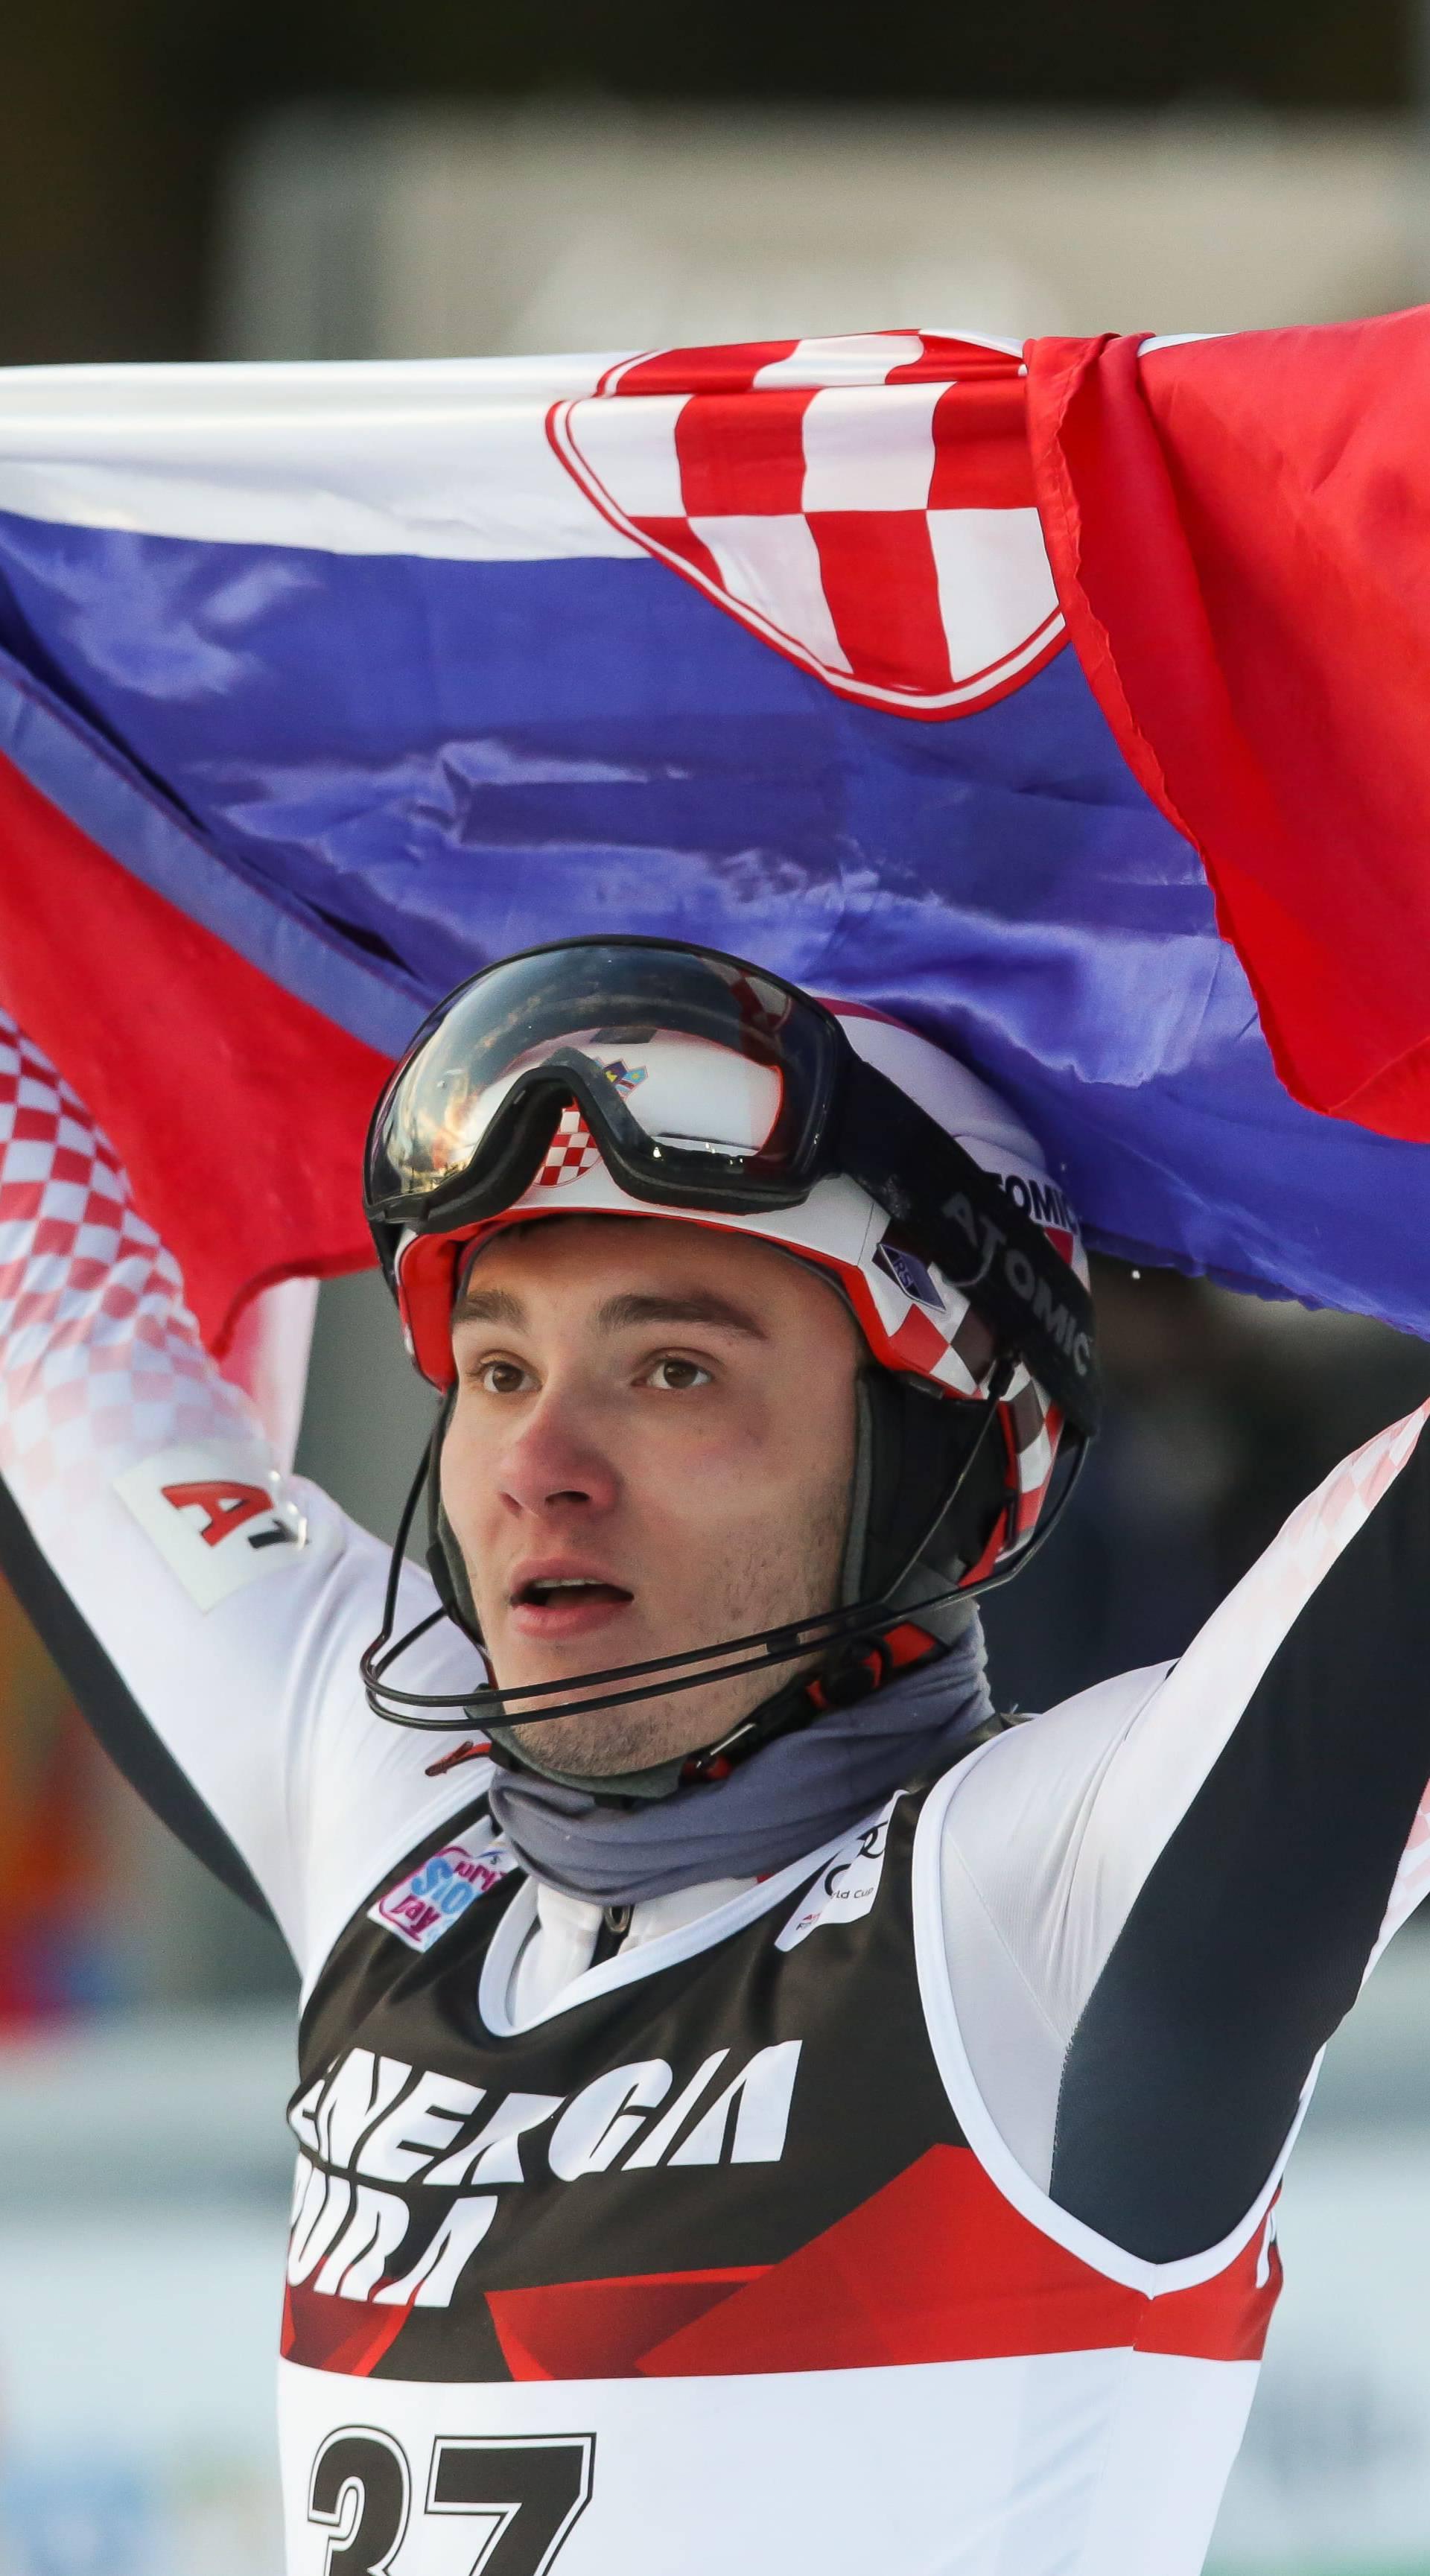 Dvije skijašice i šest skijaša iz Hrvatske na Snježnoj kraljici